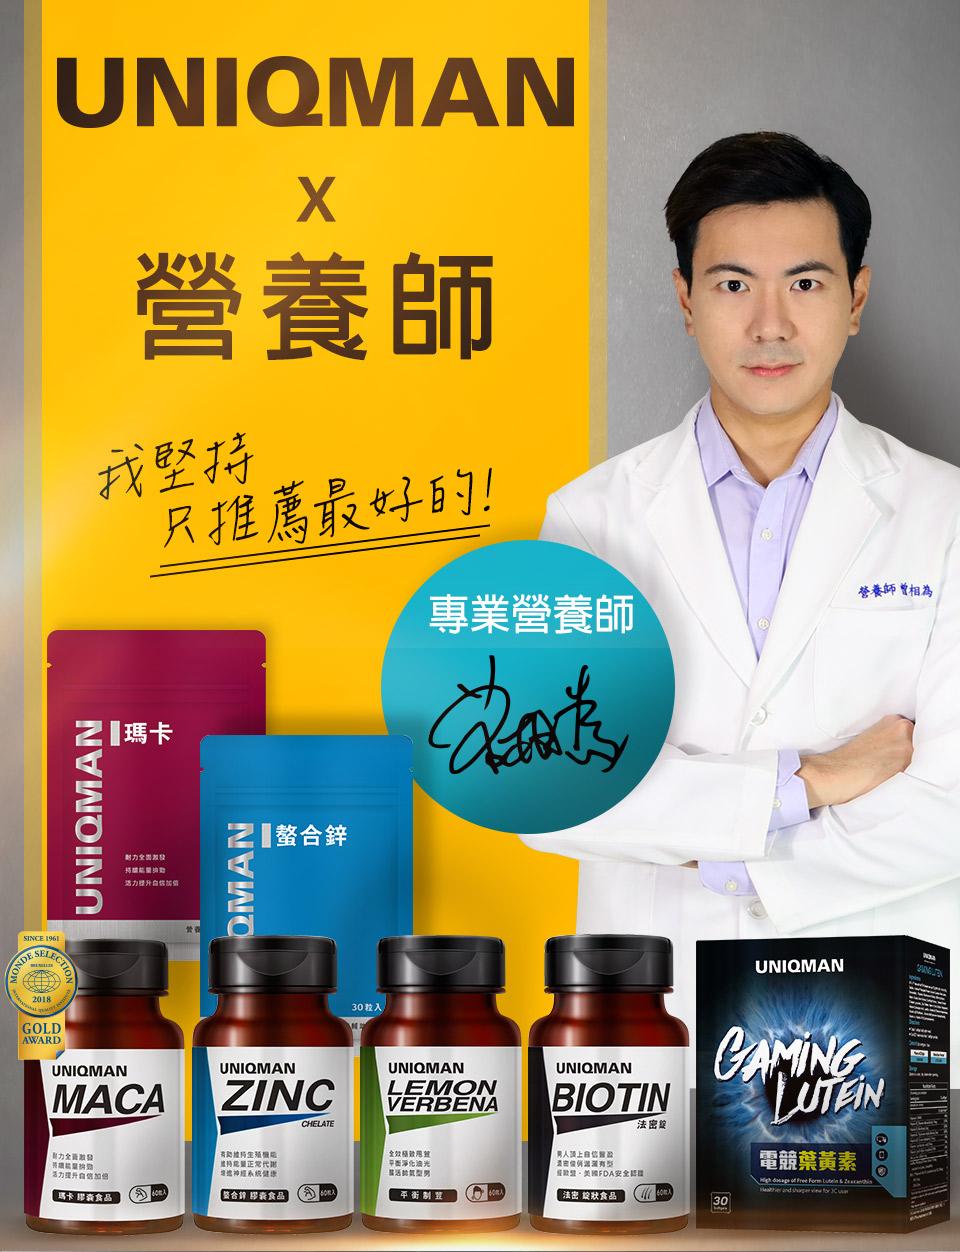 營養師推薦UNIQMAN男性保健品,包含性功能保健,頭髮保健,男性皮膚控油